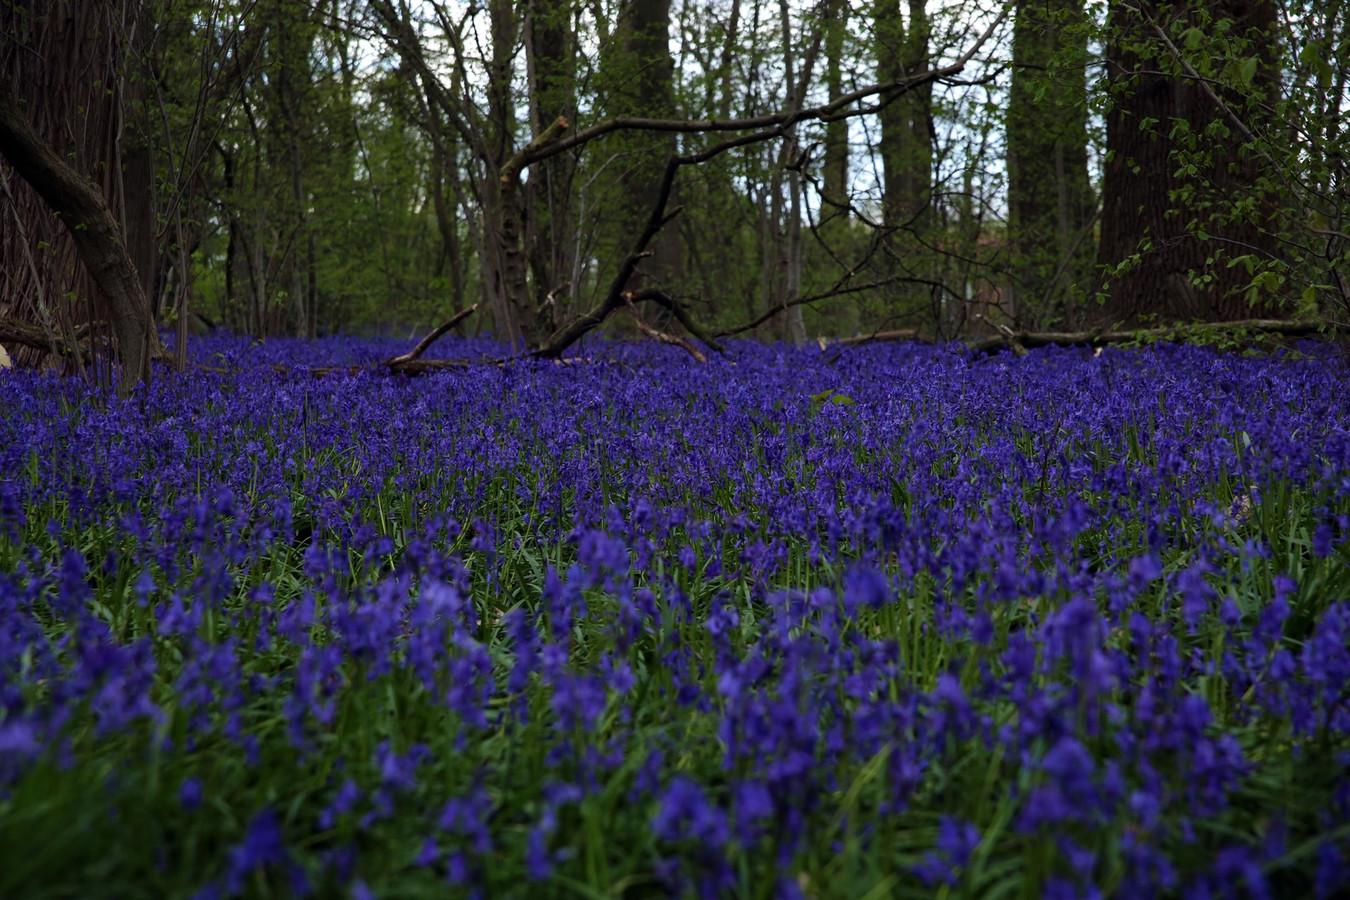 In Tiegembos worden de hyacinten afgeschermd van de bezoekers waardoor het bloementapijt elk jaar groter wordt.